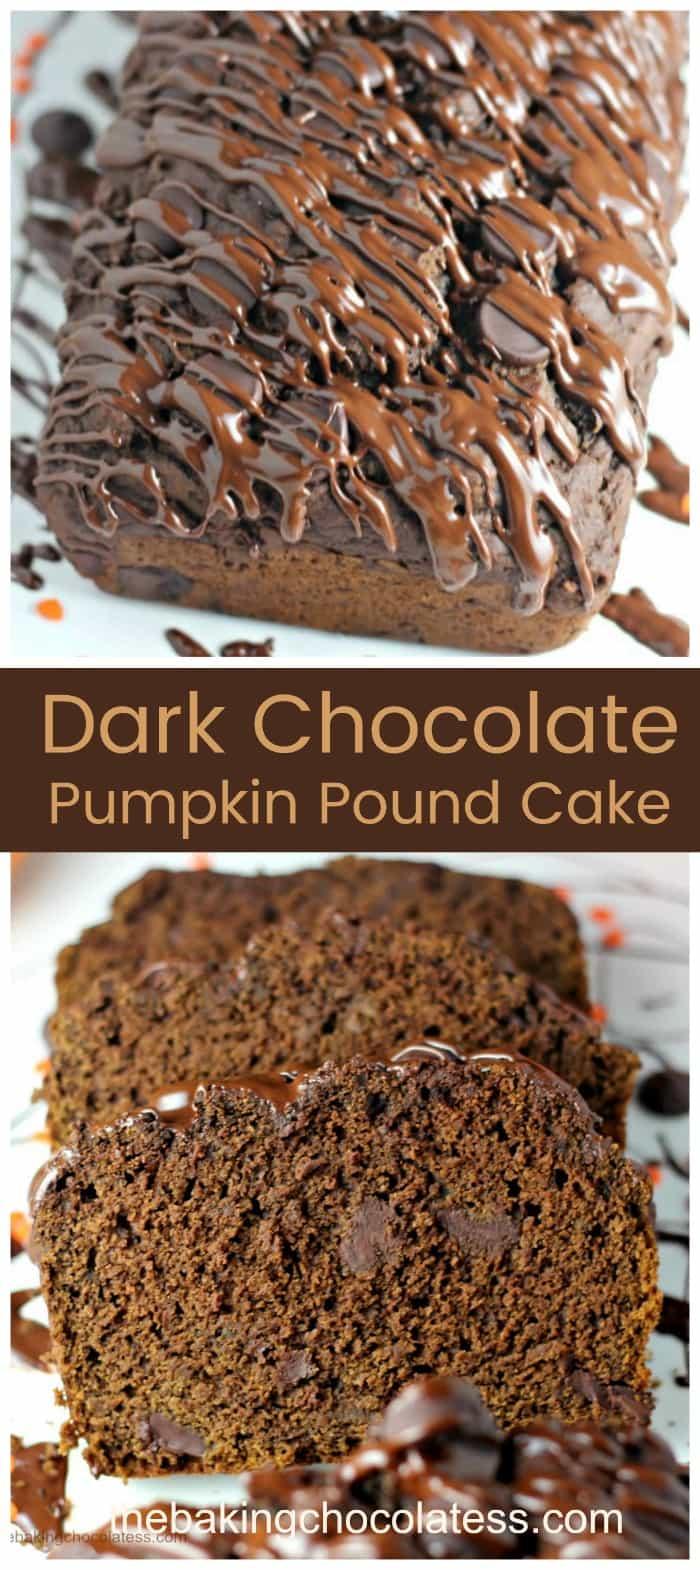 Divine Dark Chocolate Pumpkin Pound Cake